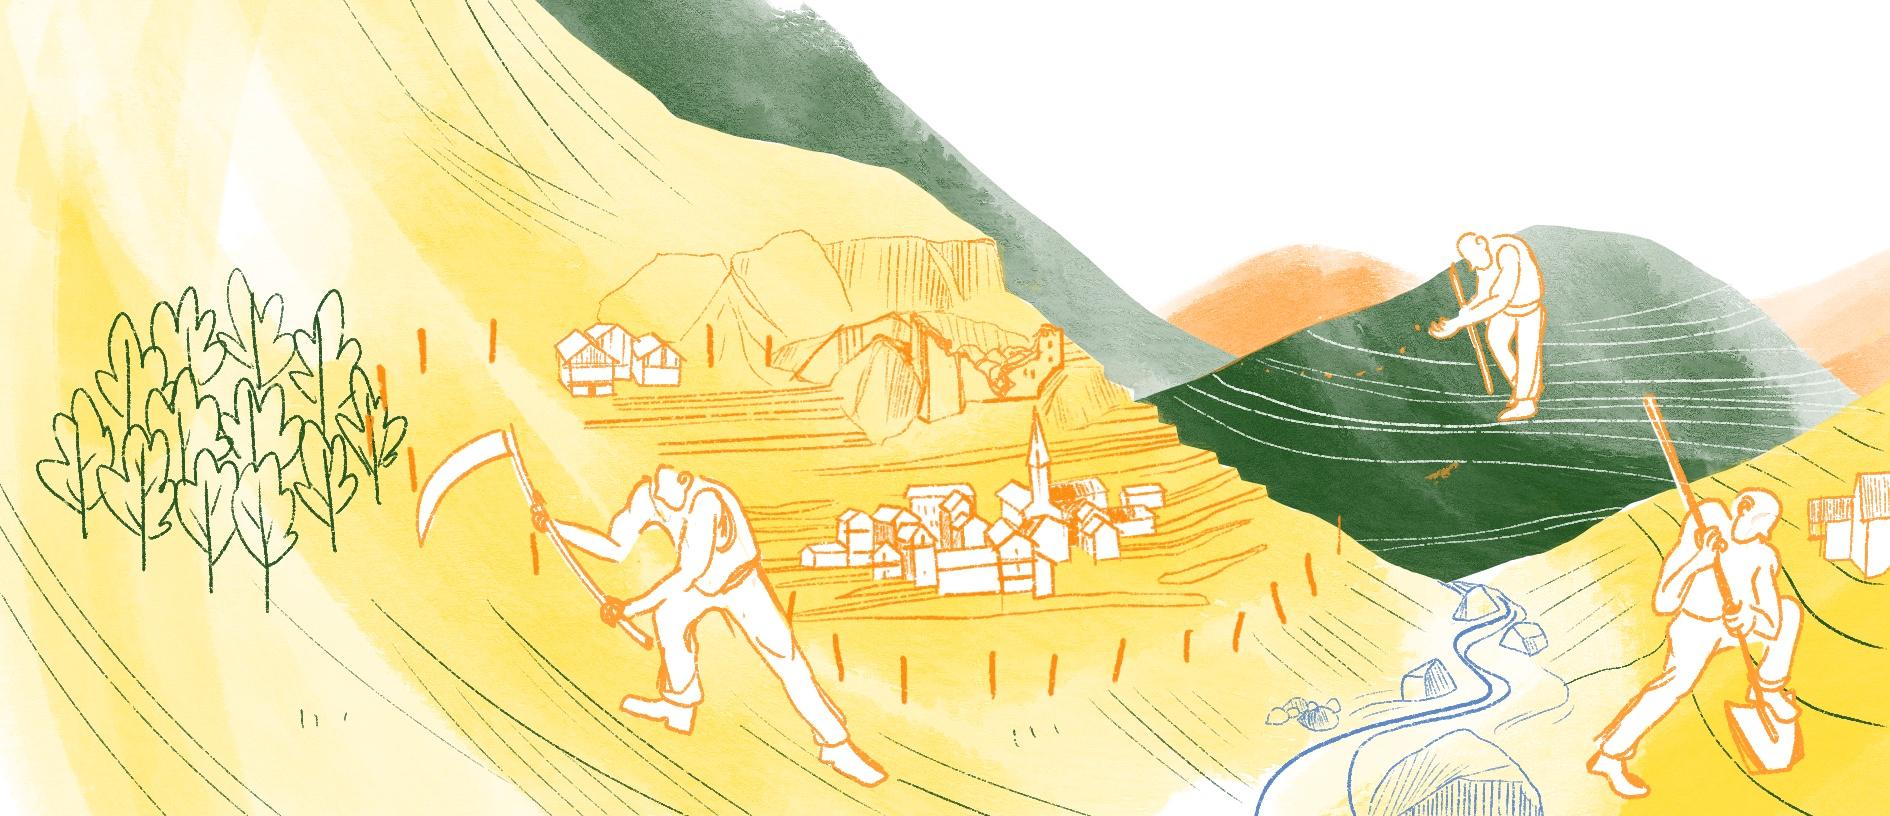 La forêt au 20e siècle, histoire illustrée, Copin.